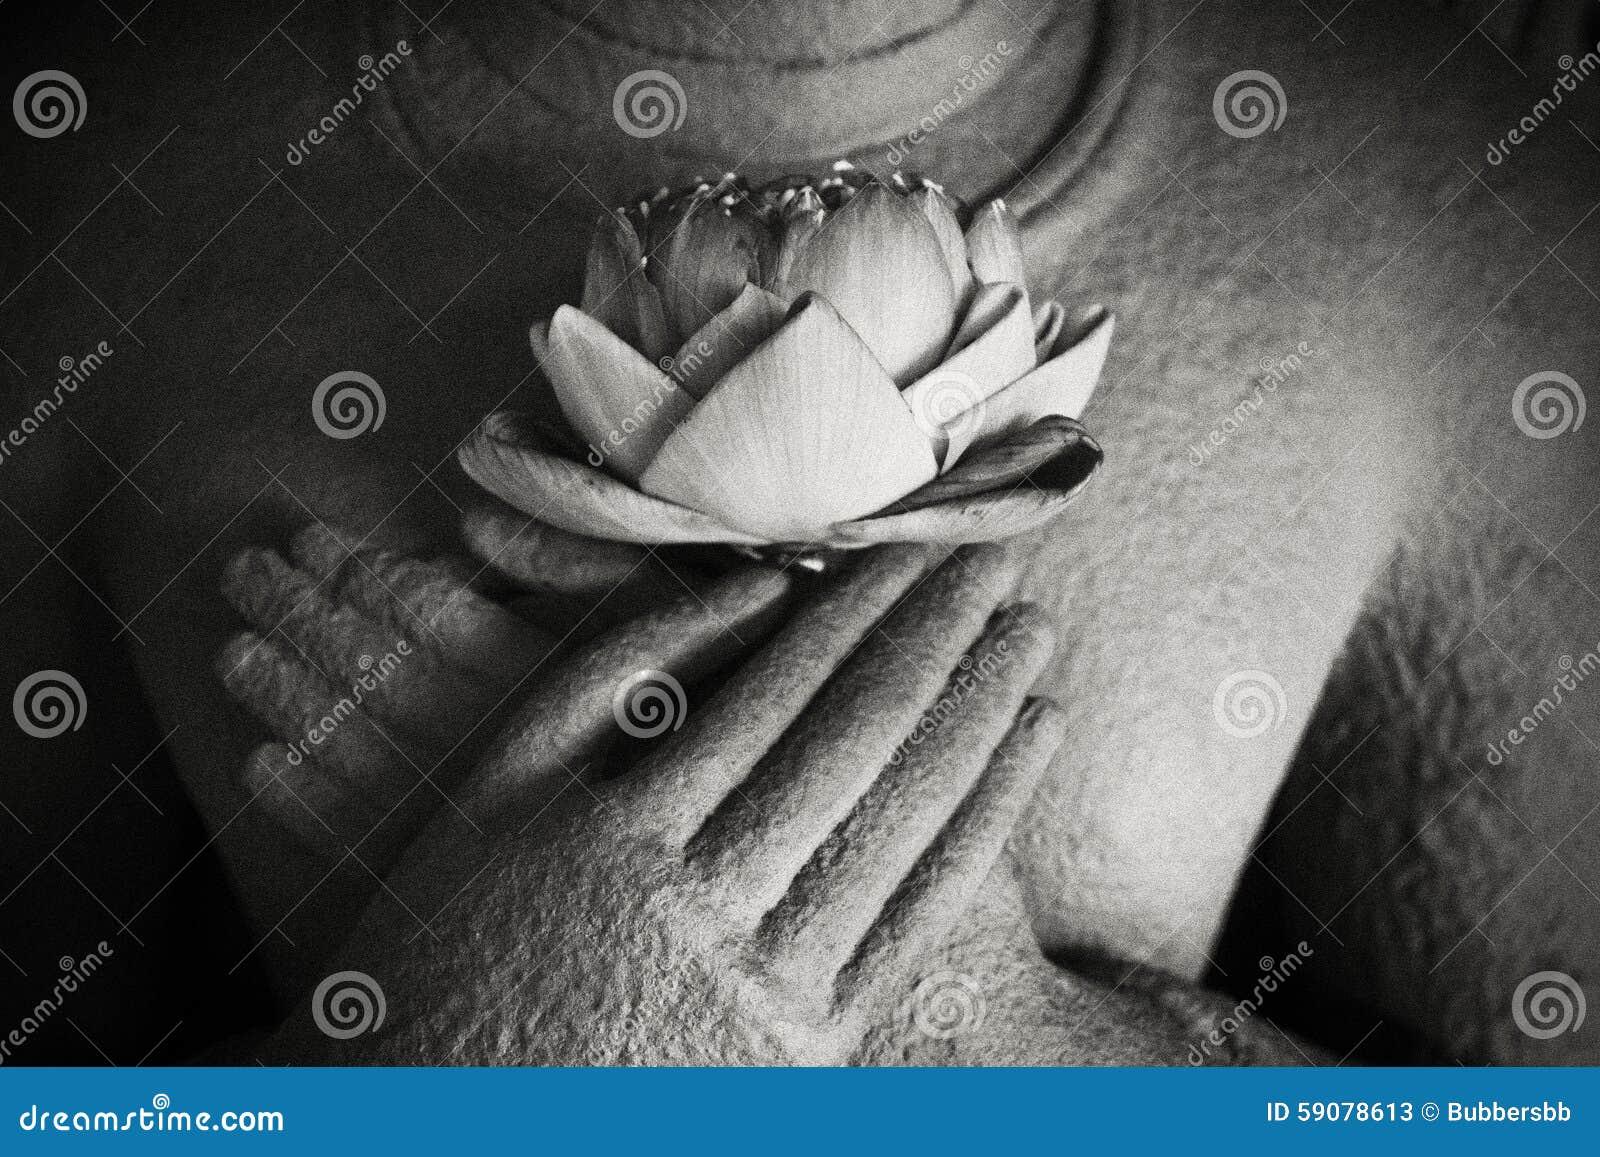 Buddha lotus in hand